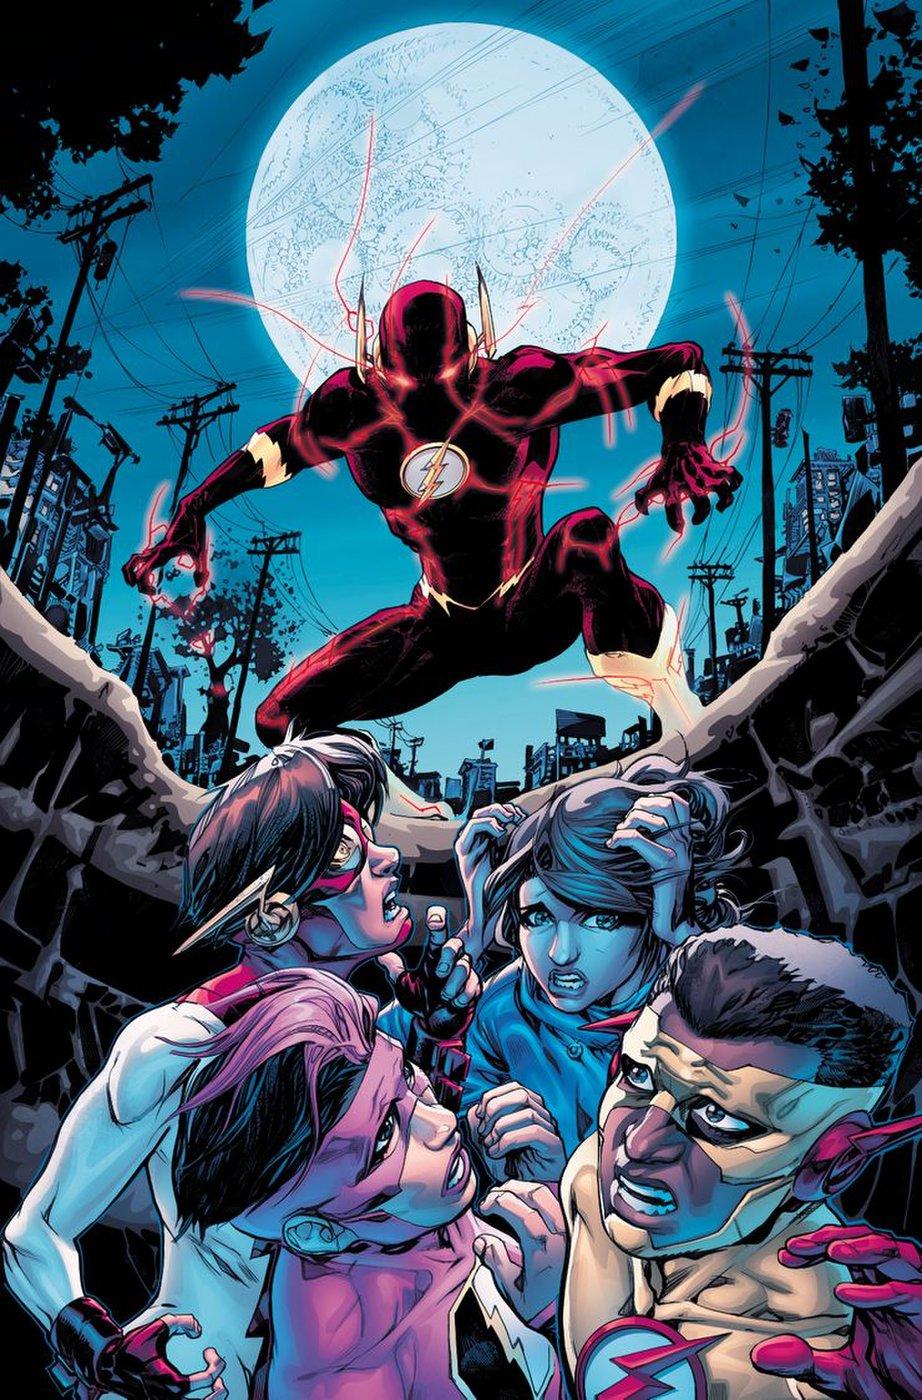 DC annonce Finish Line, dernier arc de Williamson sur Flash 5